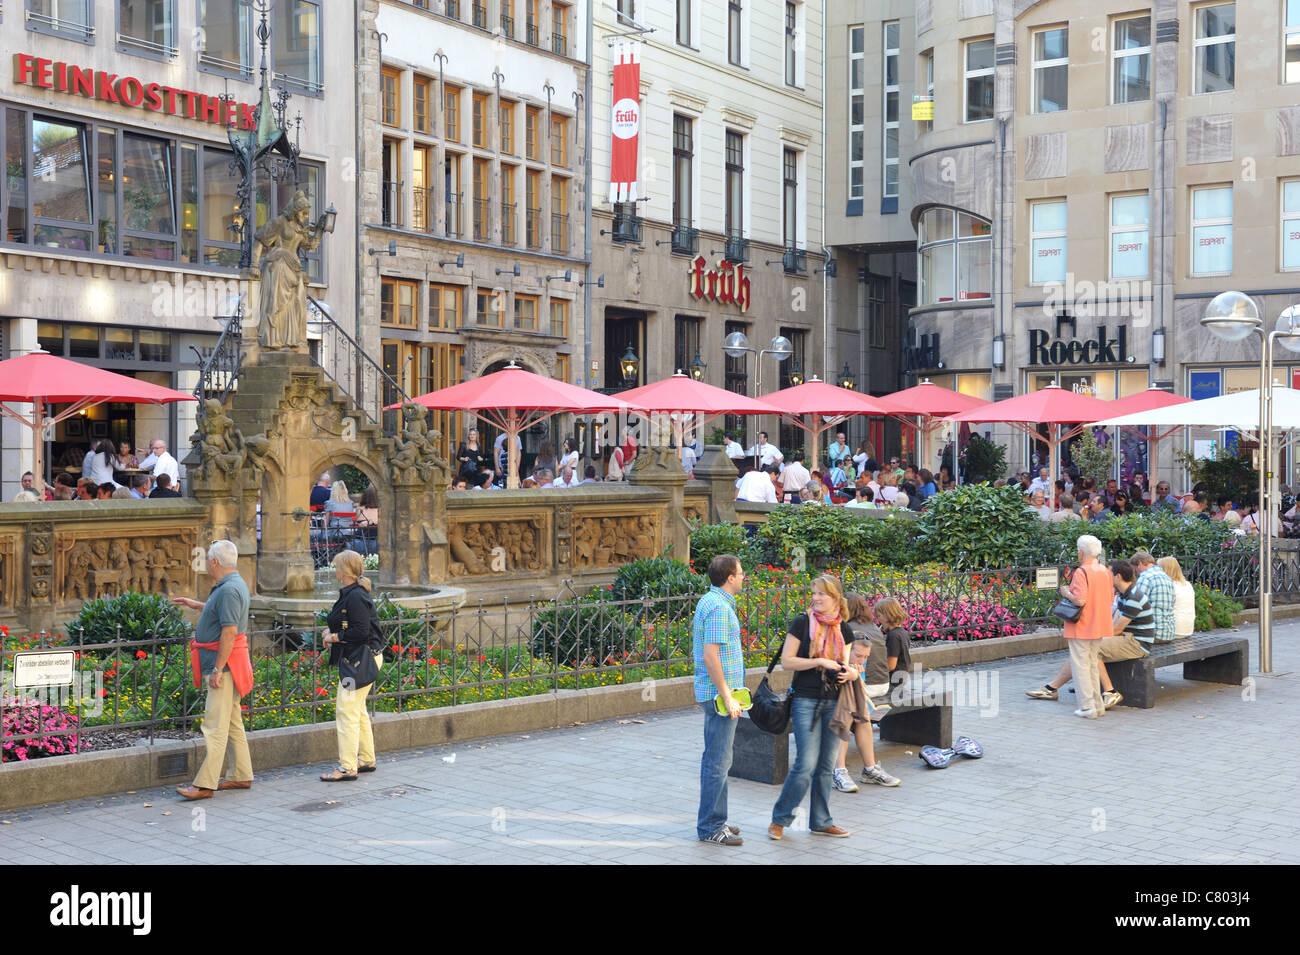 Der Heinzelmännchenbrunnen in der Kölner Altstadt - Stock Image